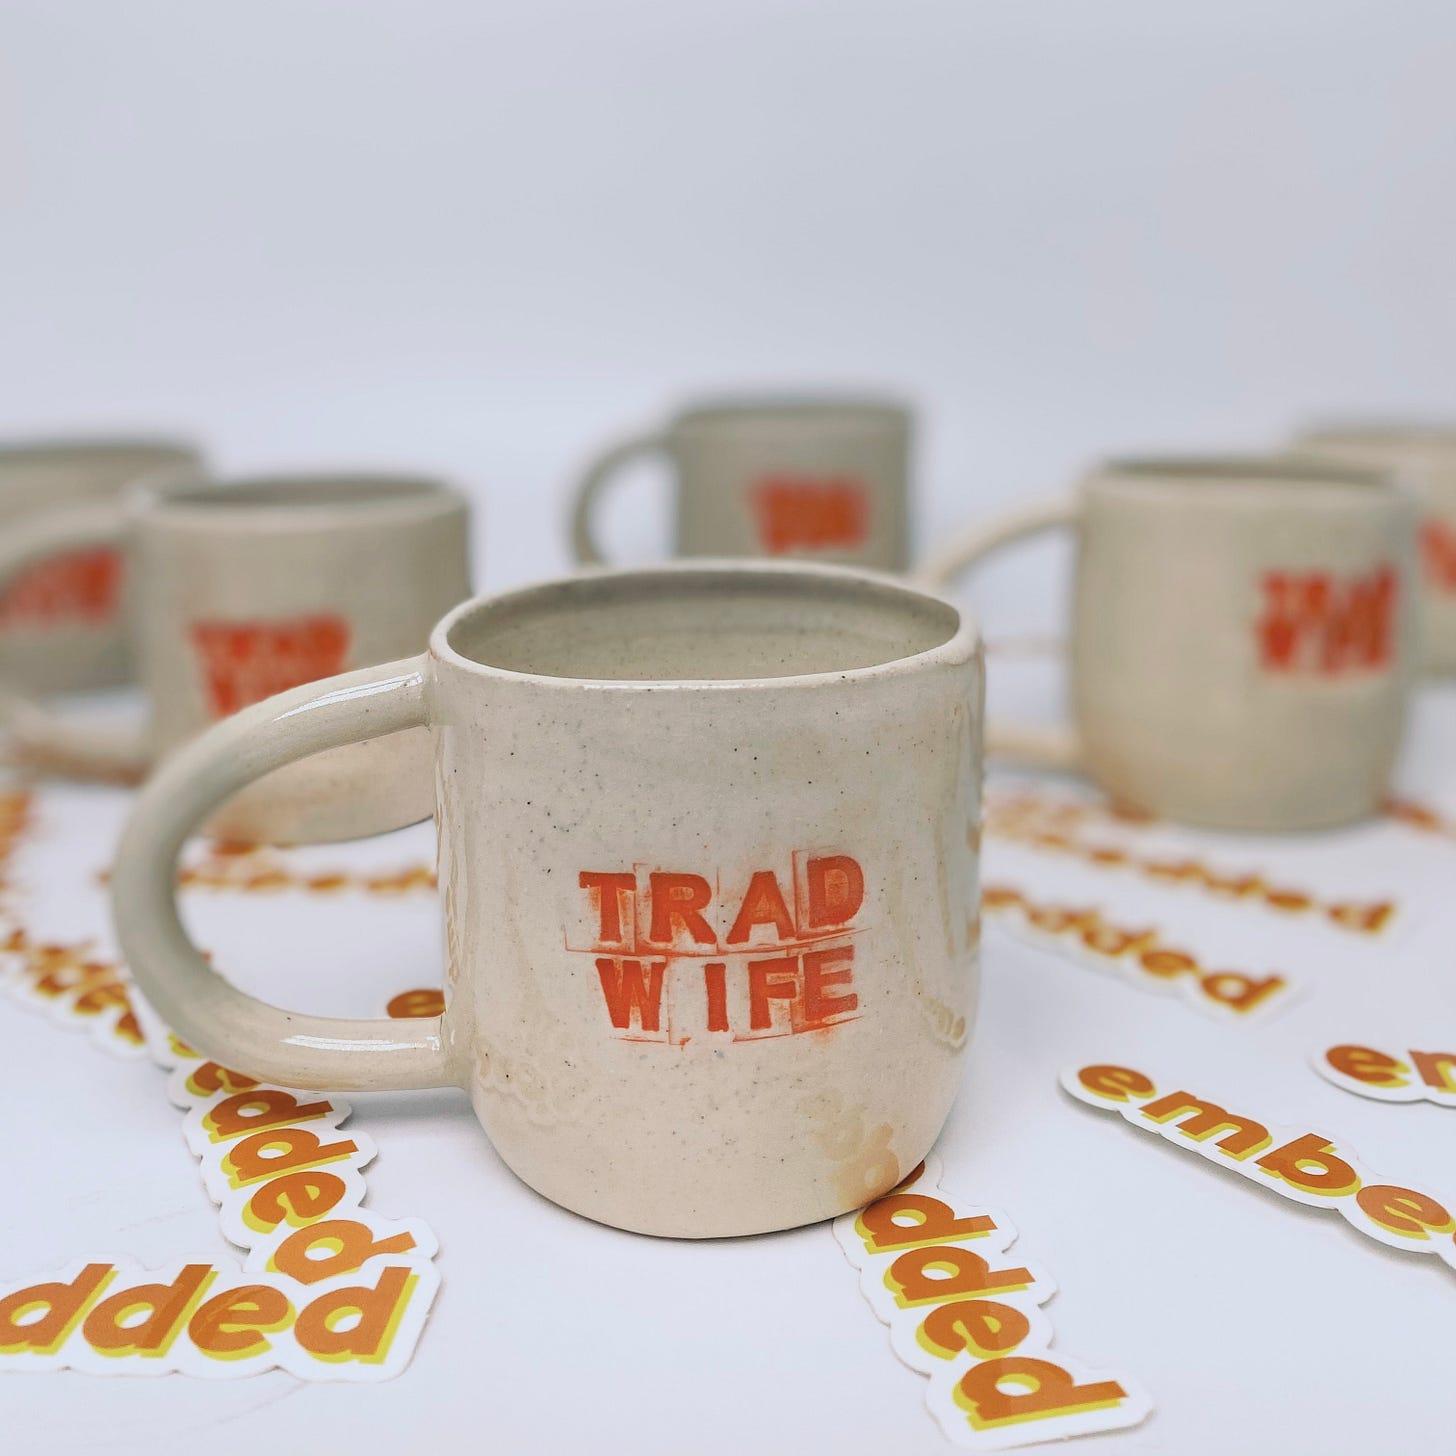 Embedded Trad Wife mug